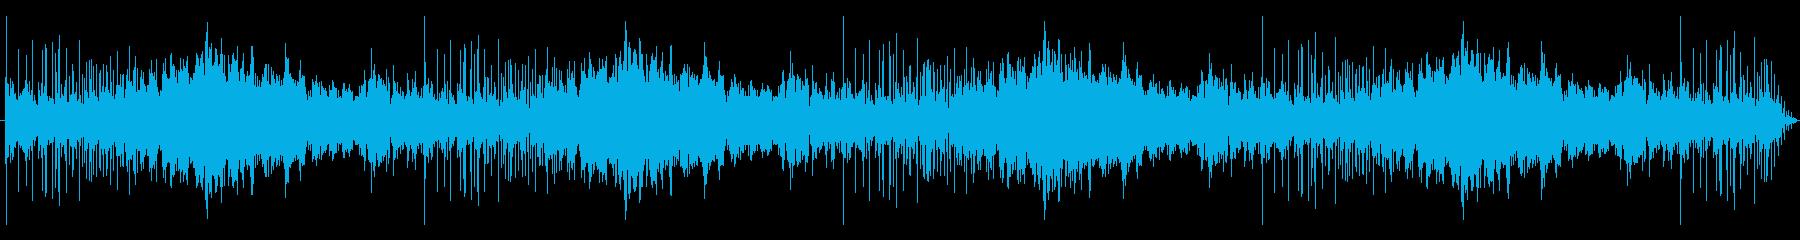 ノイズ スペースバブル01の再生済みの波形